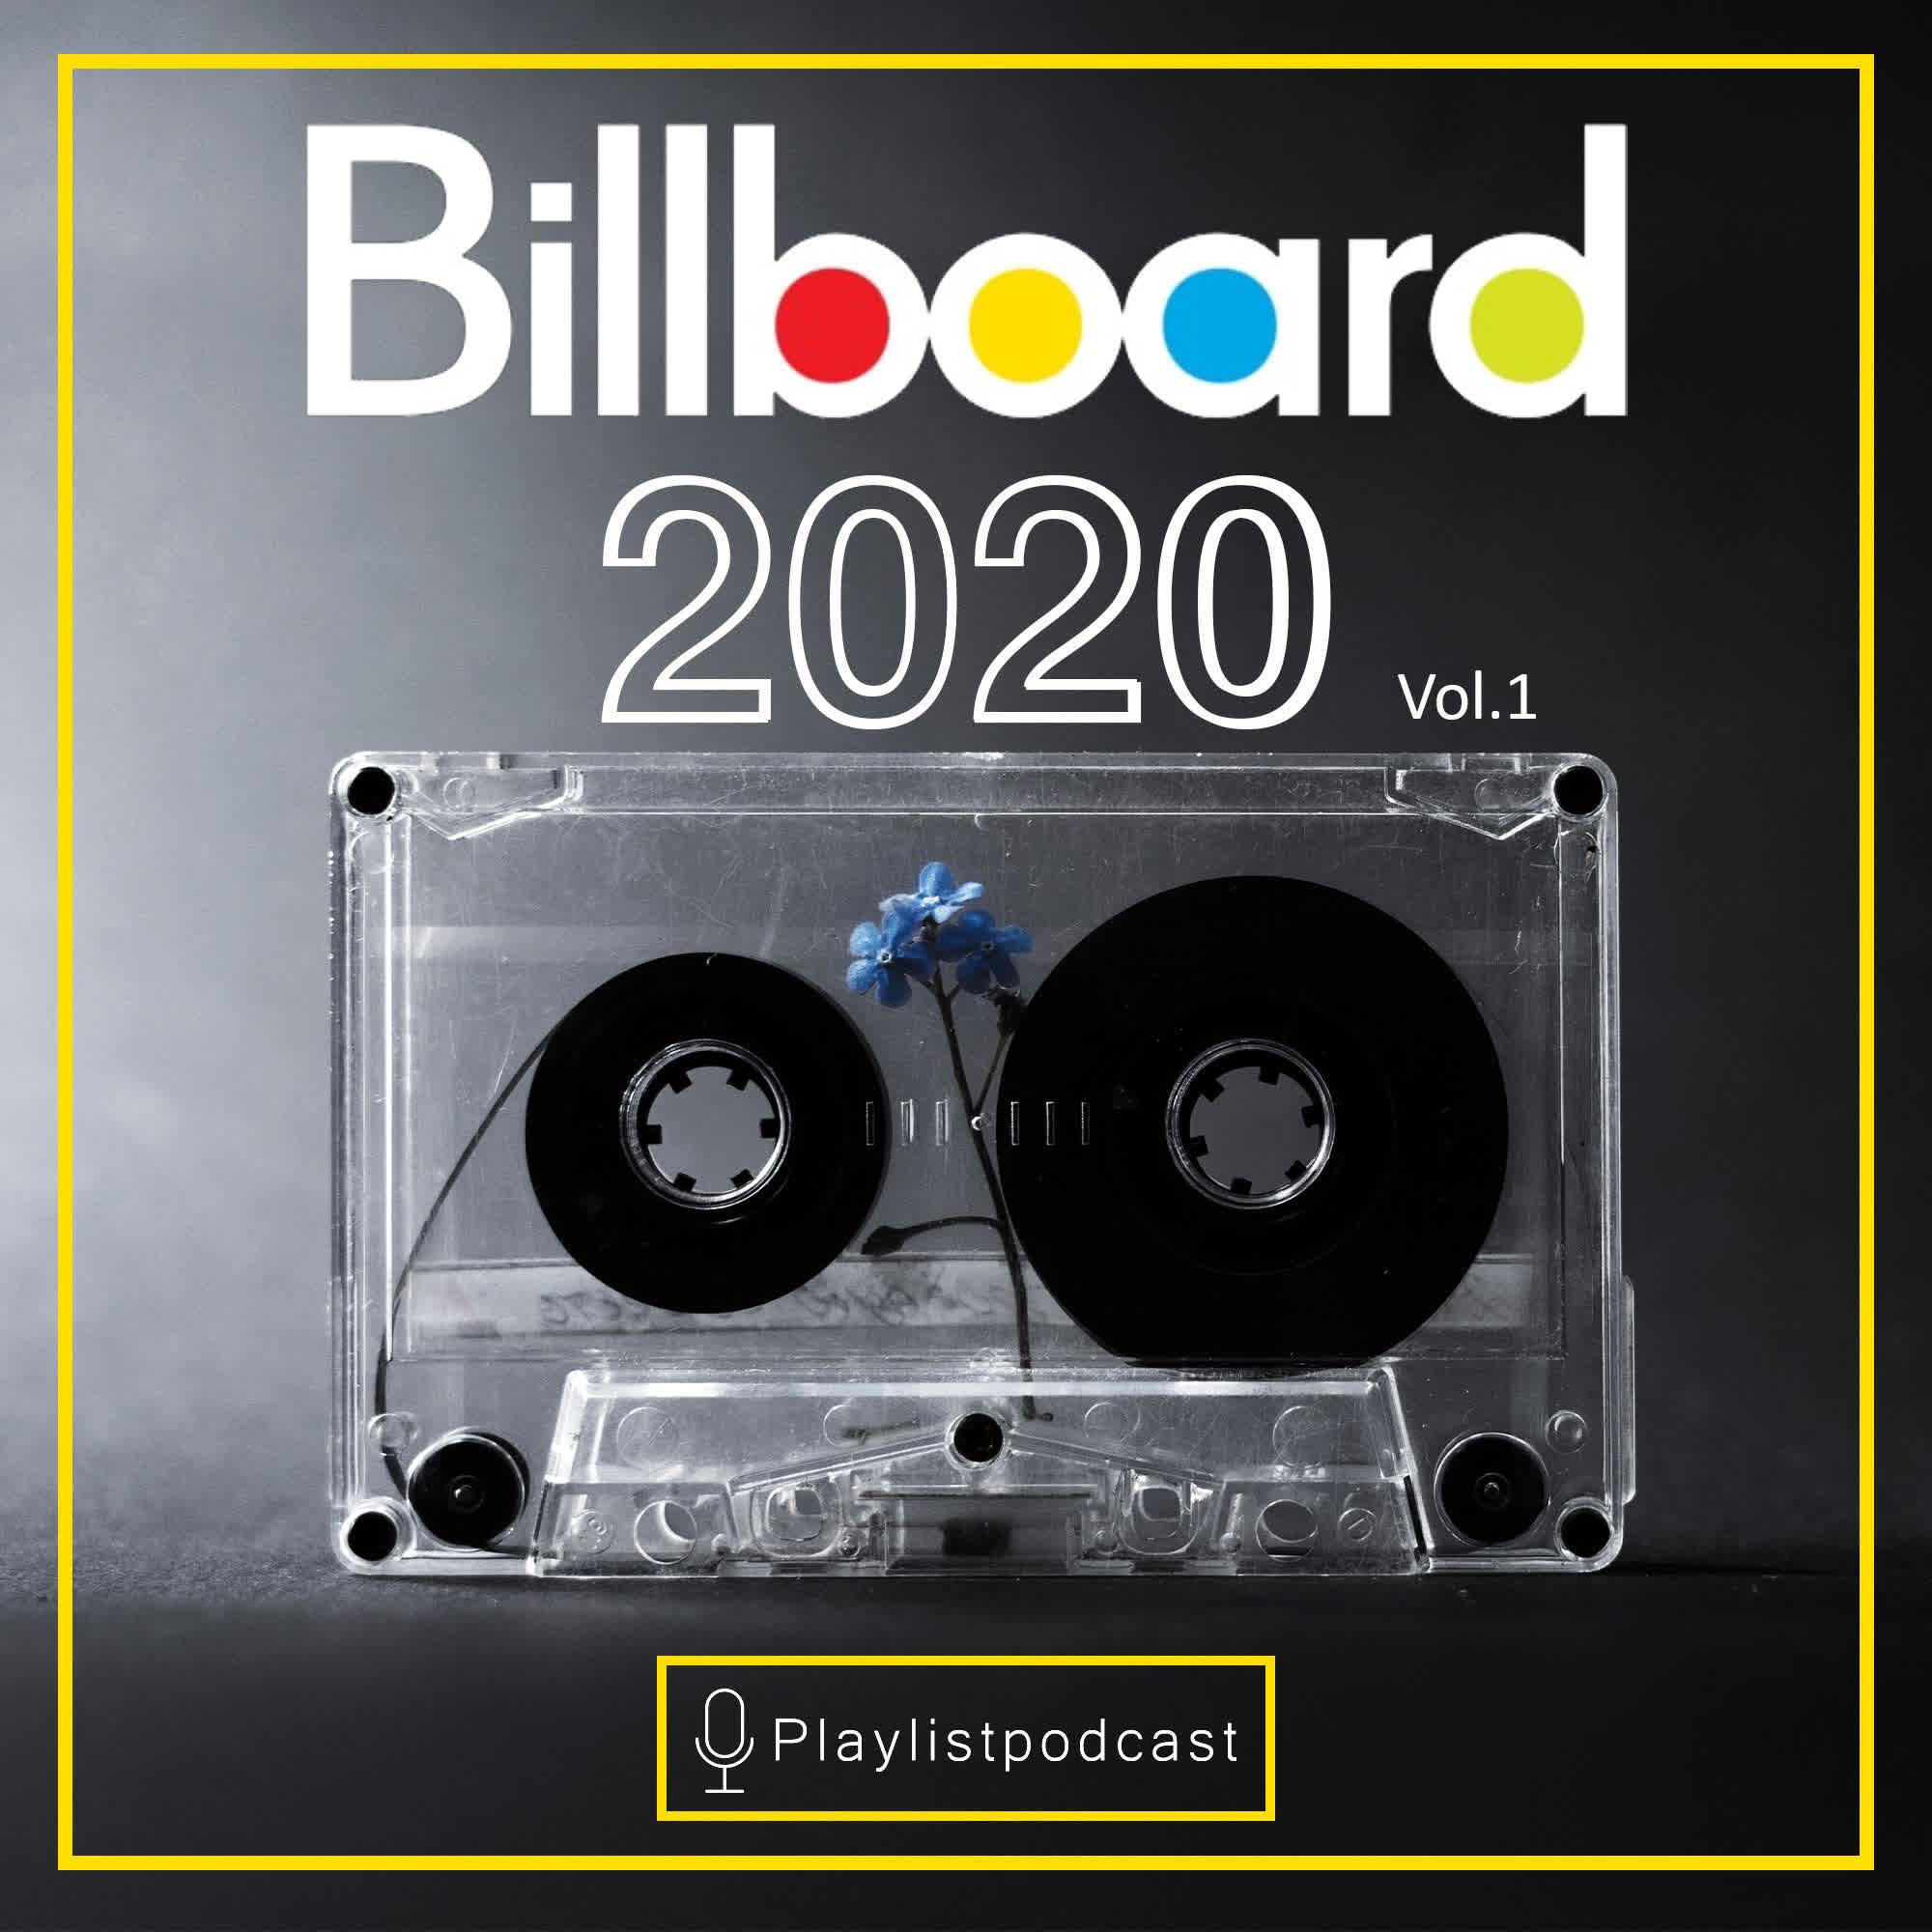 Billboard 2020 - Vol.1